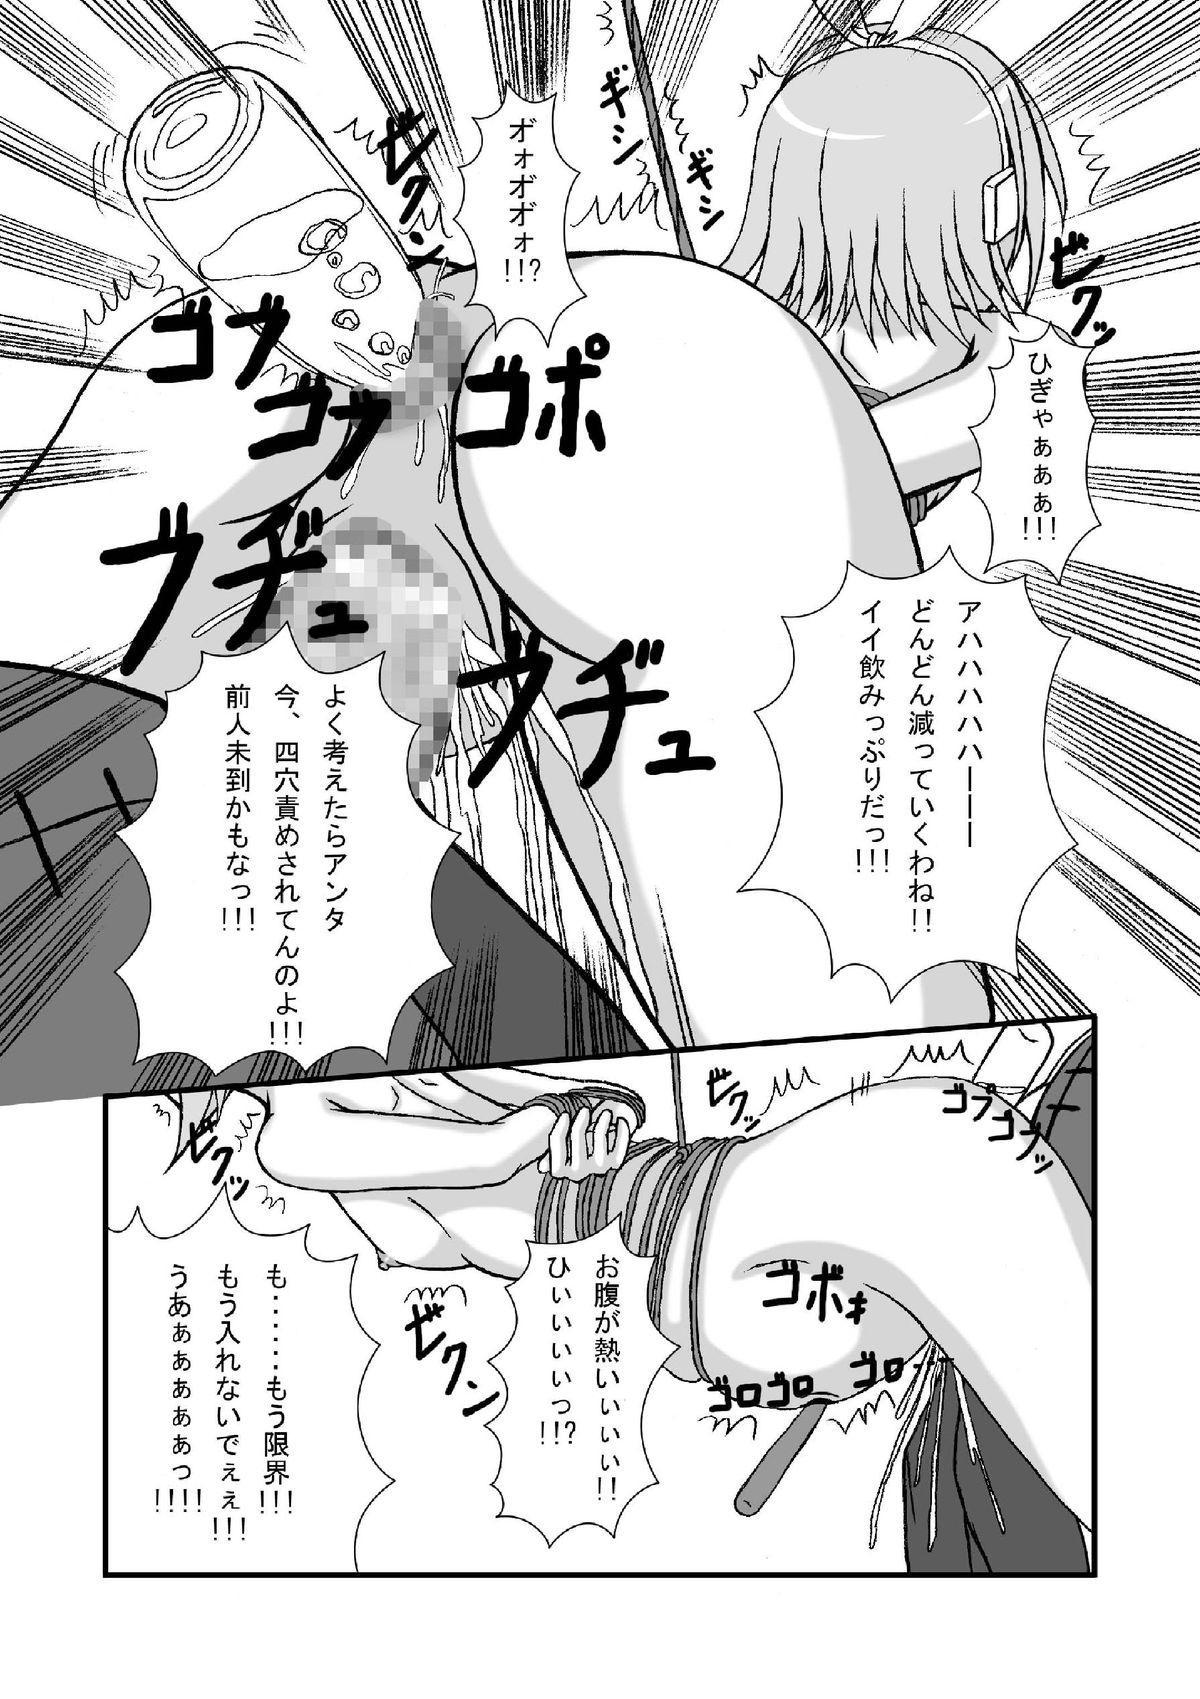 Camus-sama ni Kussai Awabi o Tsukimakurareta Kagamine Rin ga Omorashi Exodus 17